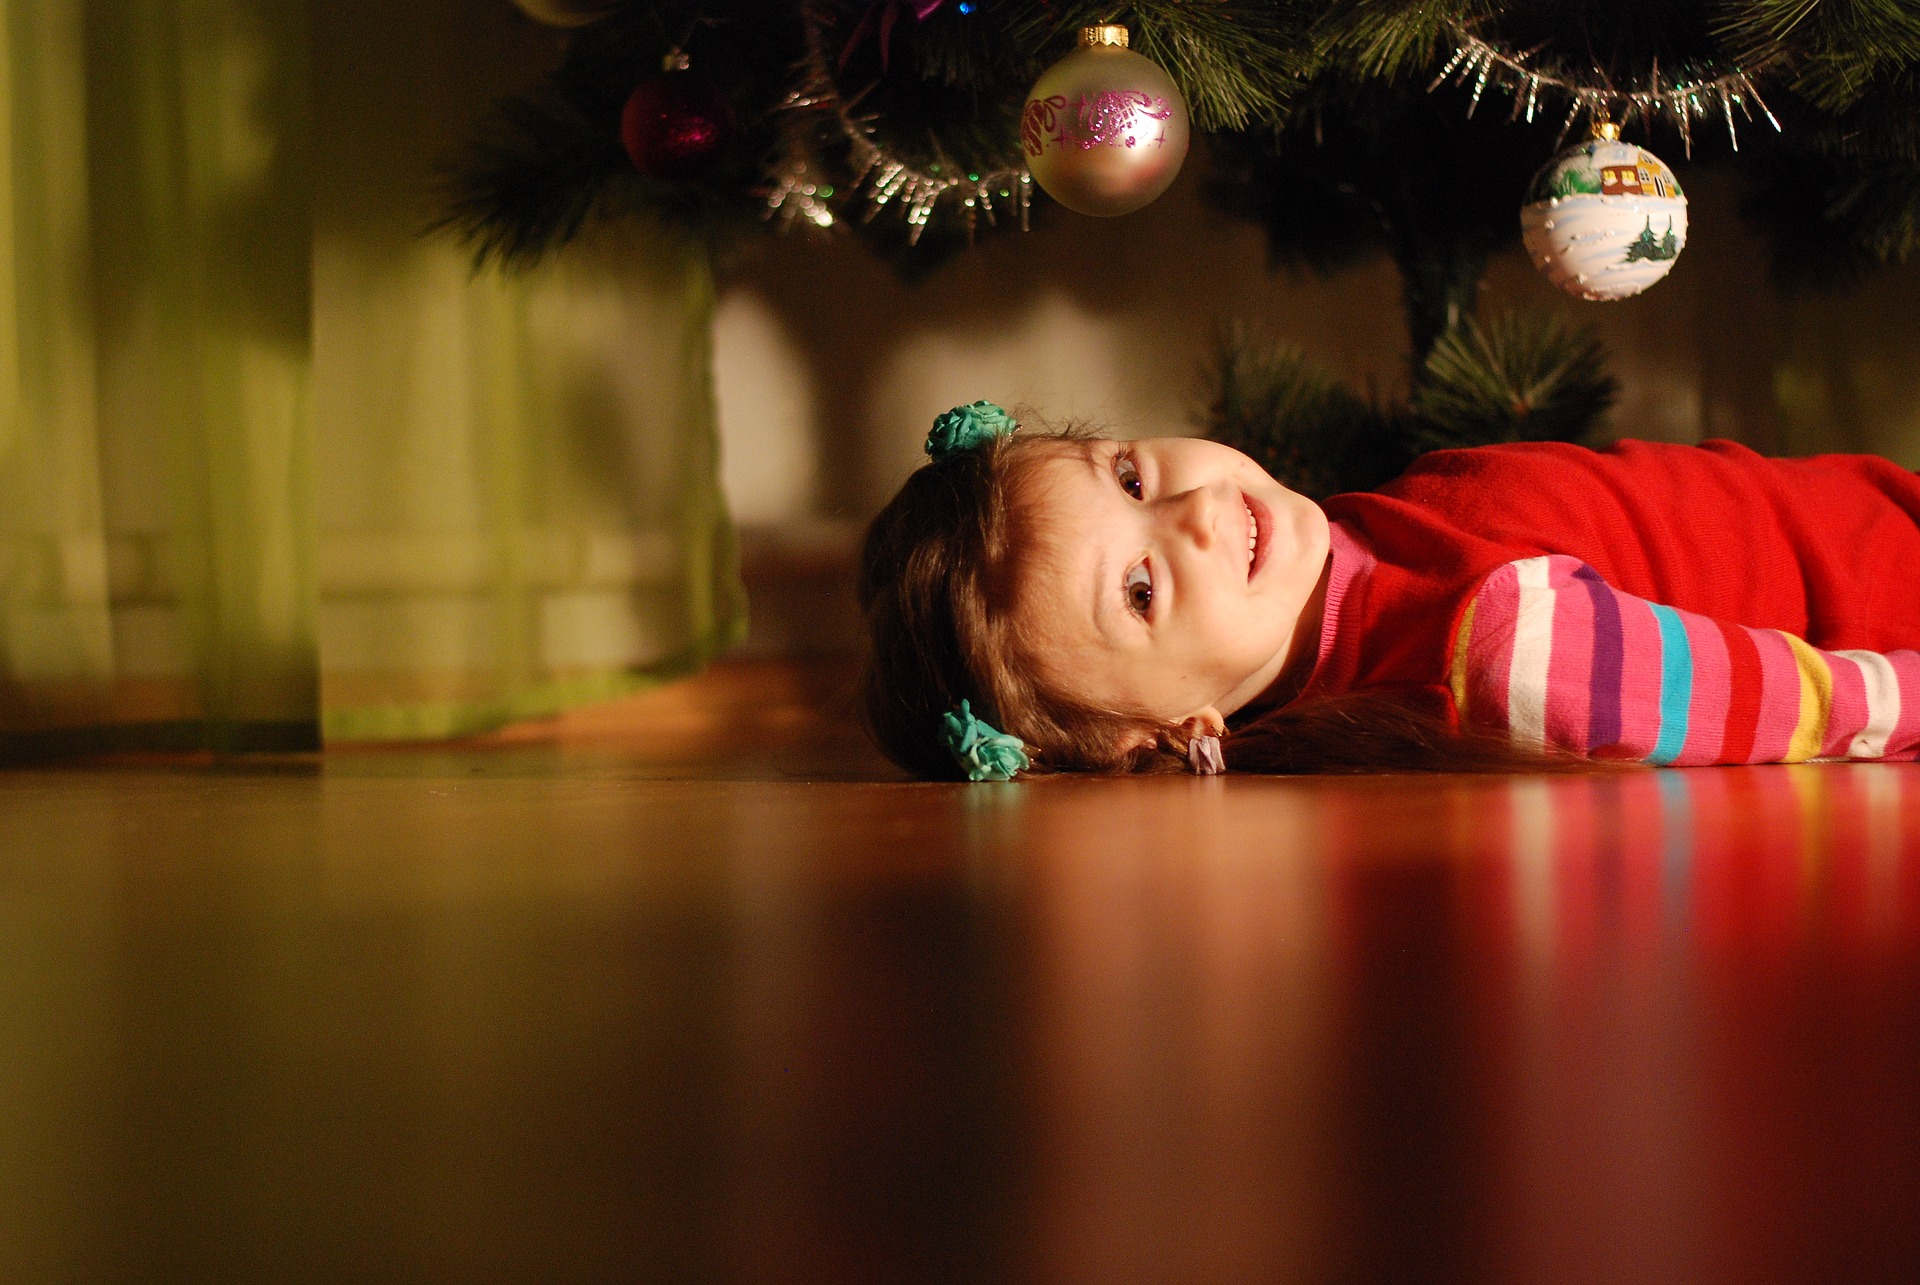 christmas-tree-1966225_1920.jpg